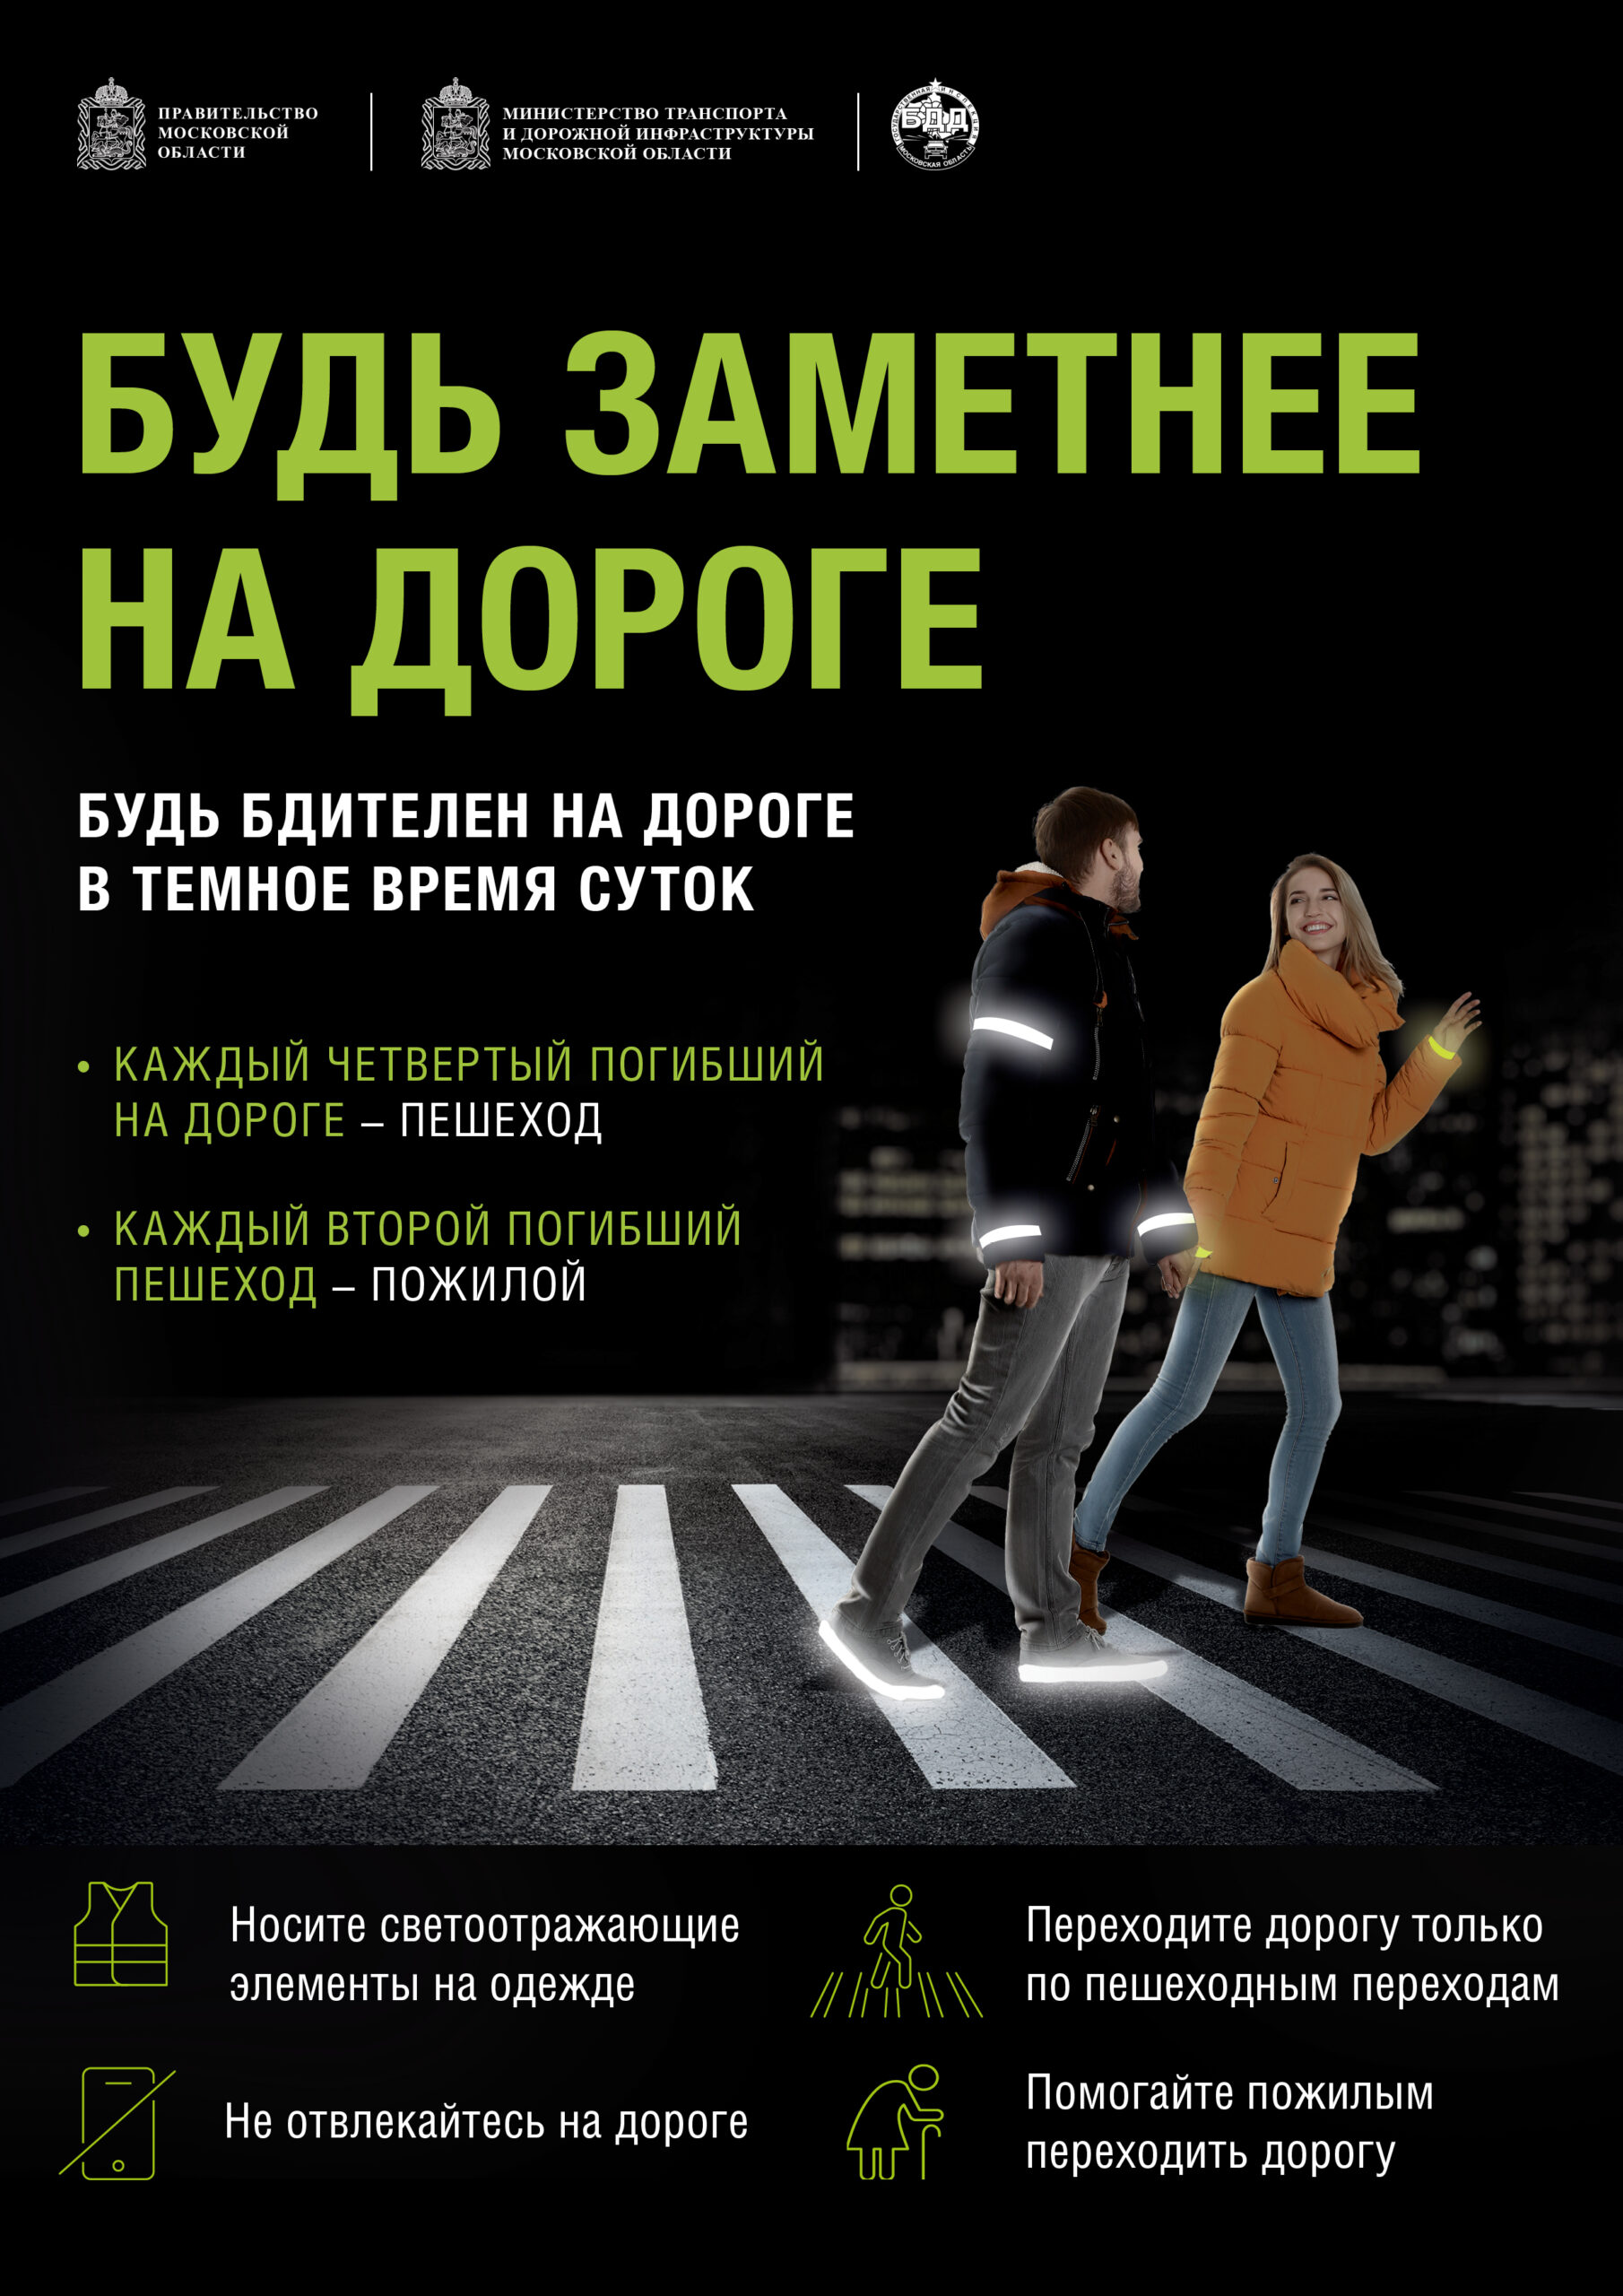 осторожно пешеход